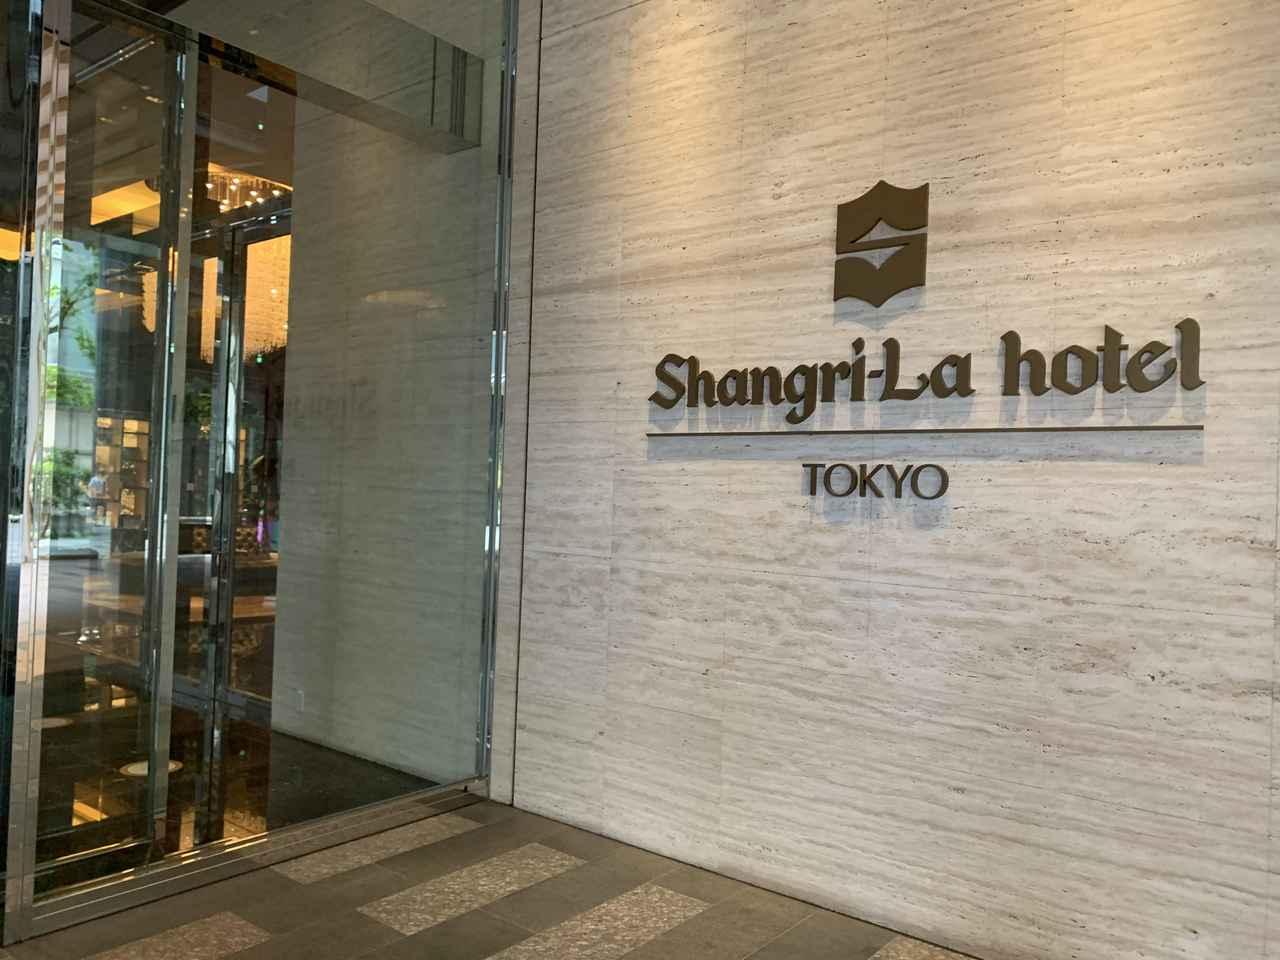 画像1: ママと子どもがたのしむ究極のホテル『シャングリ・ラ ホテル 東京』